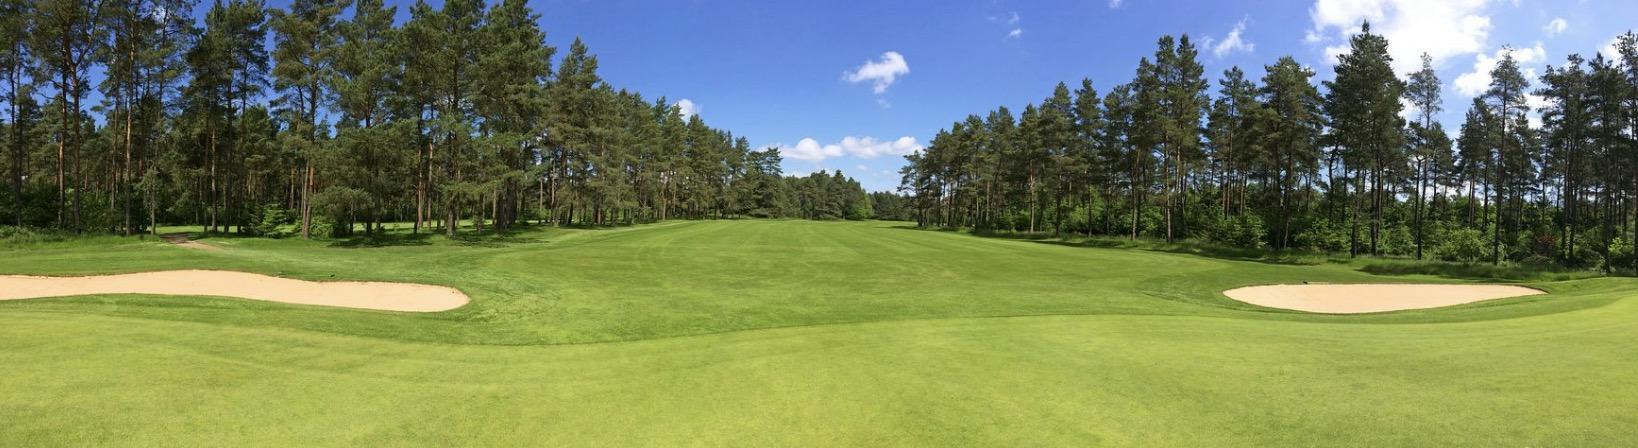 ゴルフが楽しくなるブログ